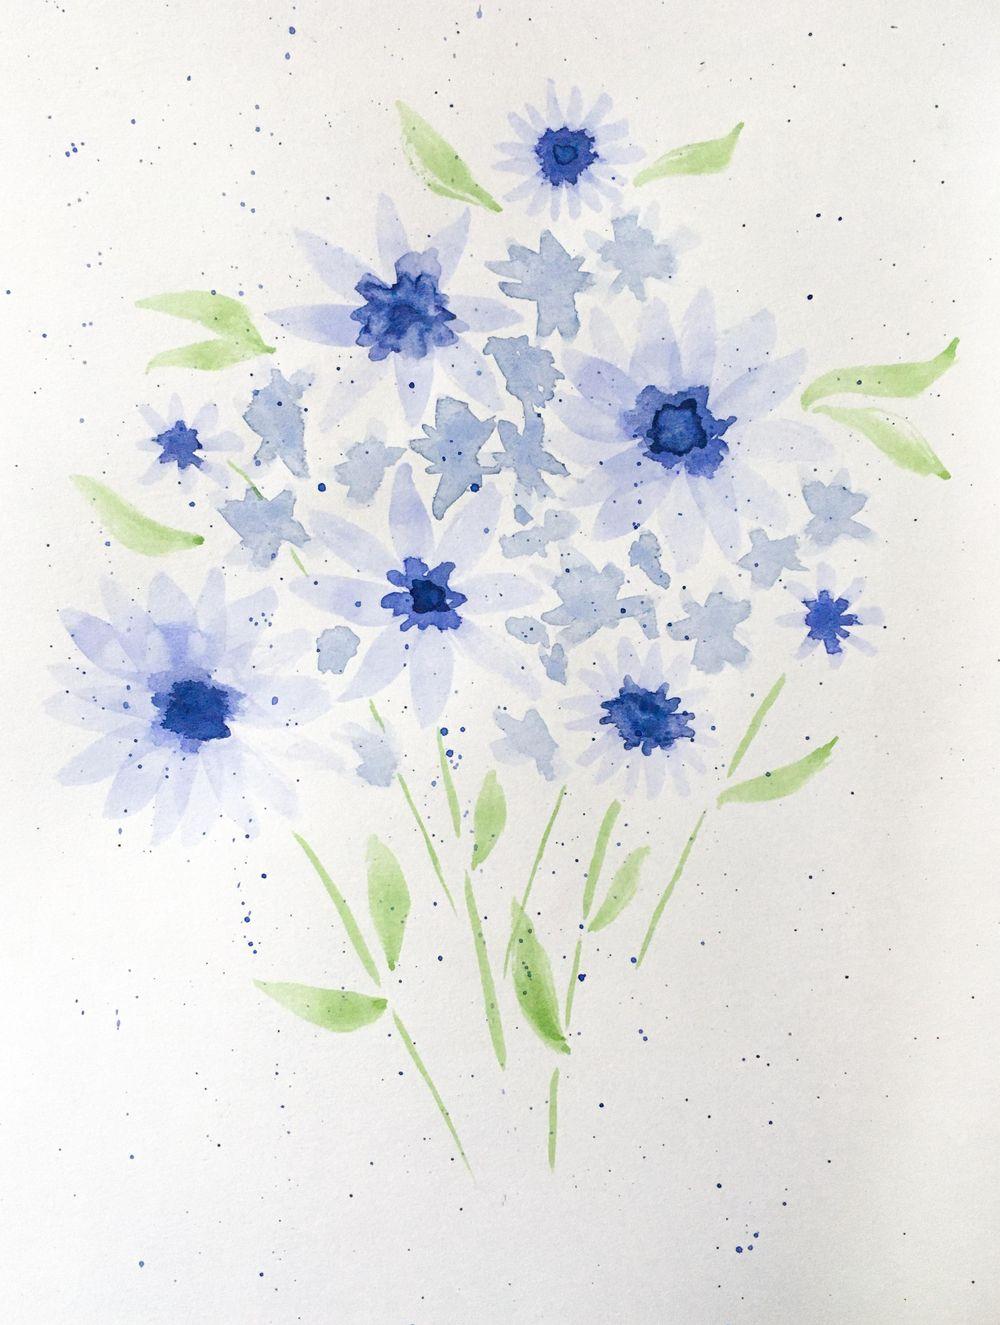 Blue flowers & lavender bouquet - image 2 - student project